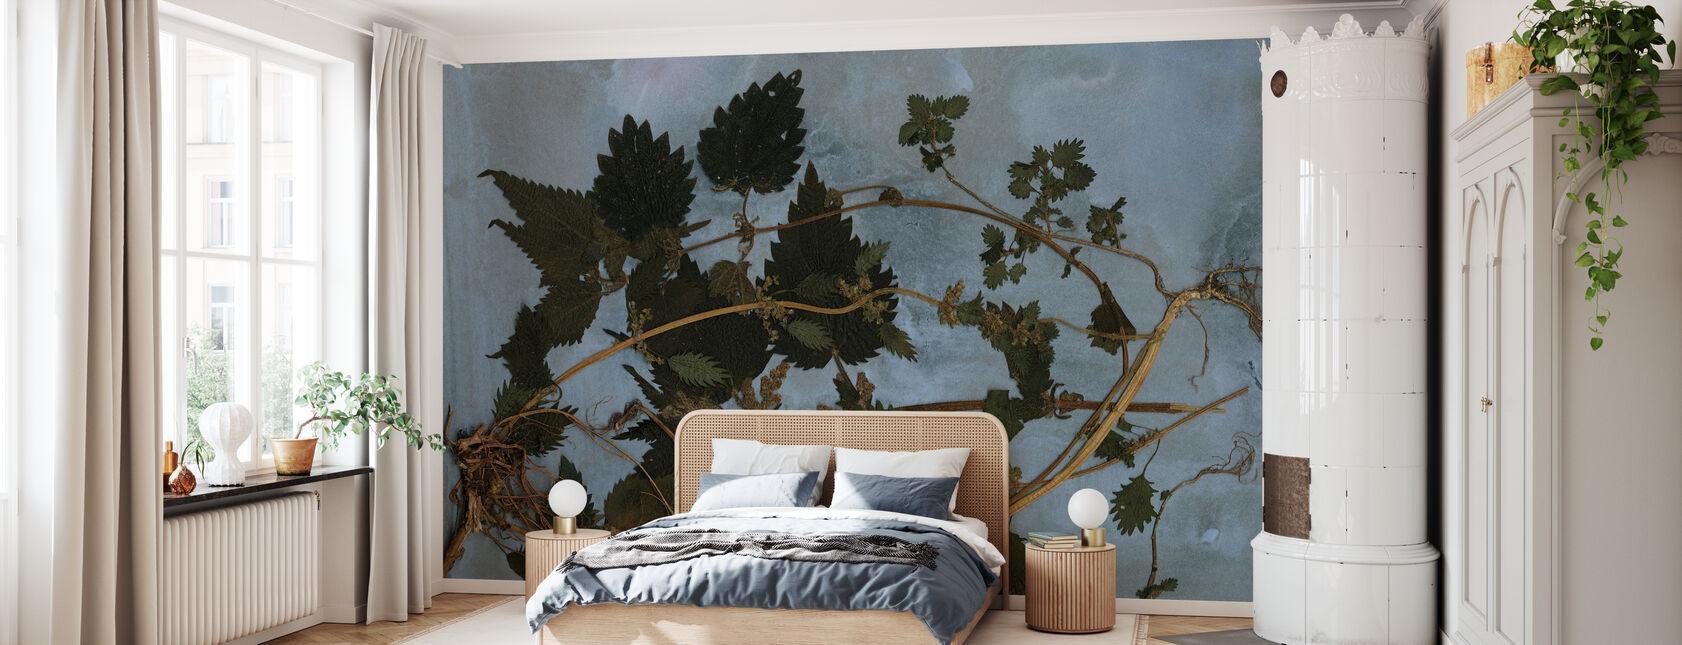 Nettles - Wallpaper - Bedroom